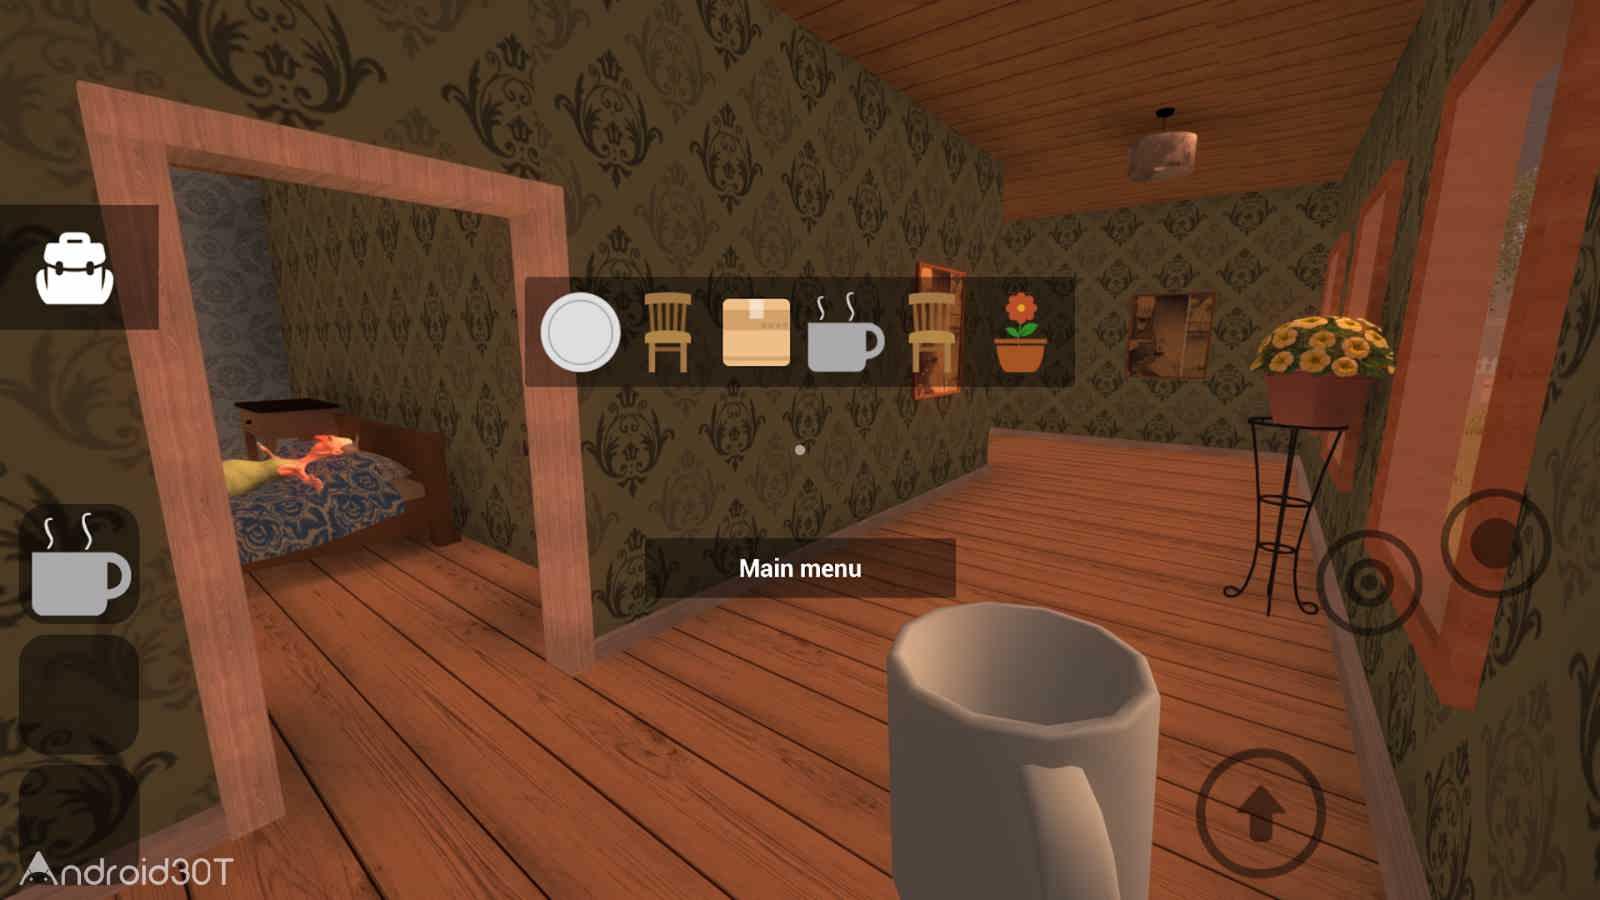 دانلود Angry Neighbor 3.2 – بازی ماجراجویی همسایه خشمگین اندروید